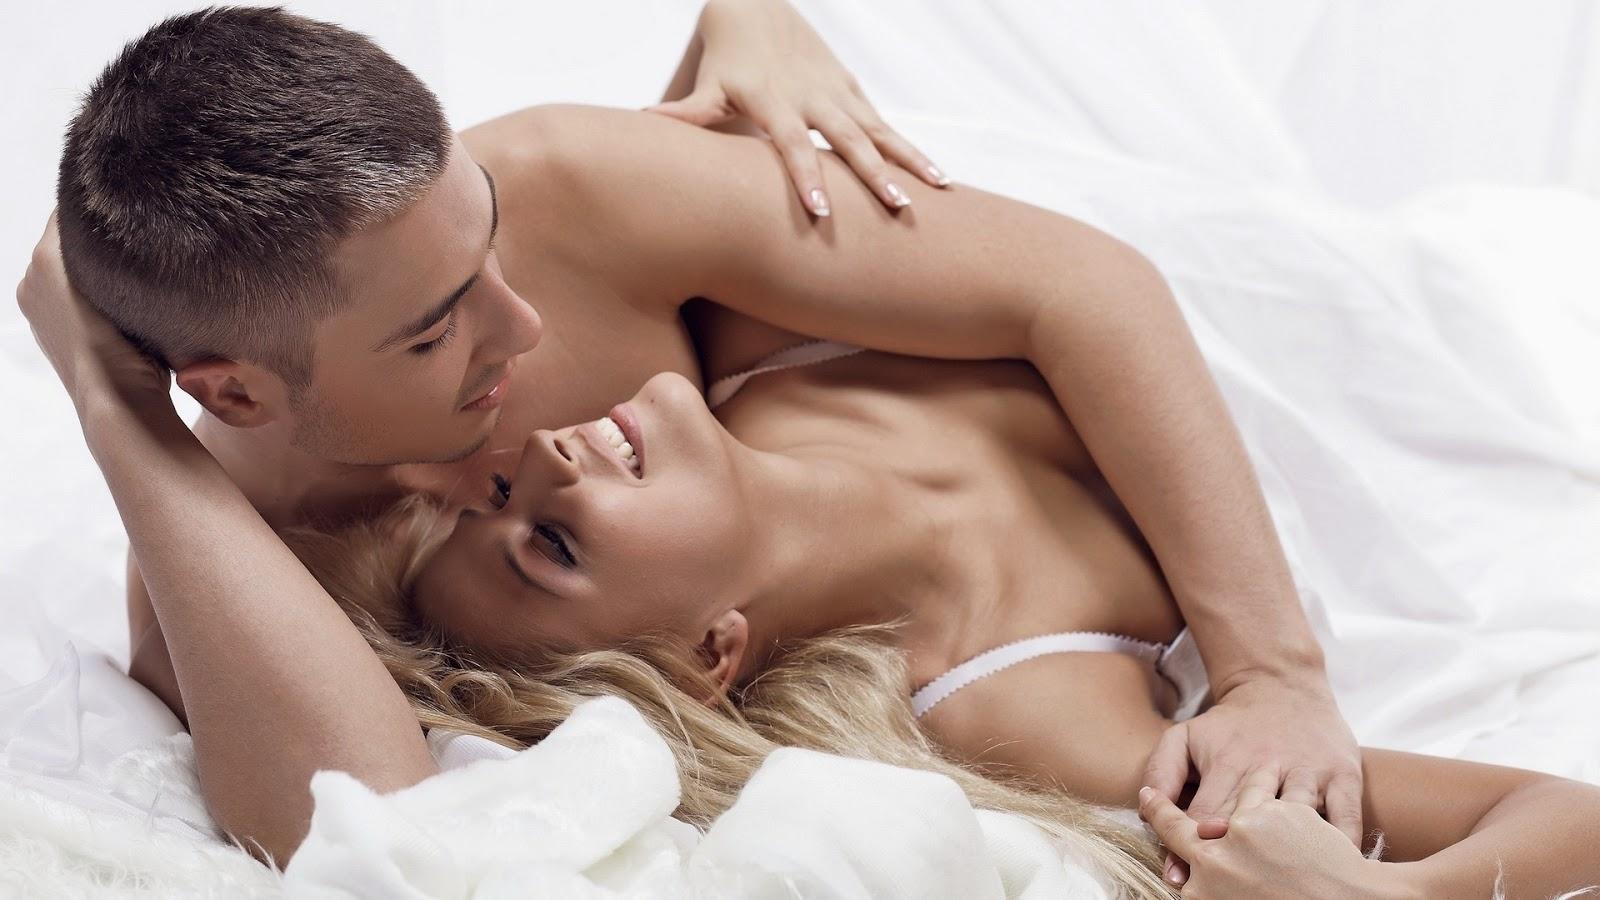 нежный секс в бп ассеу йне